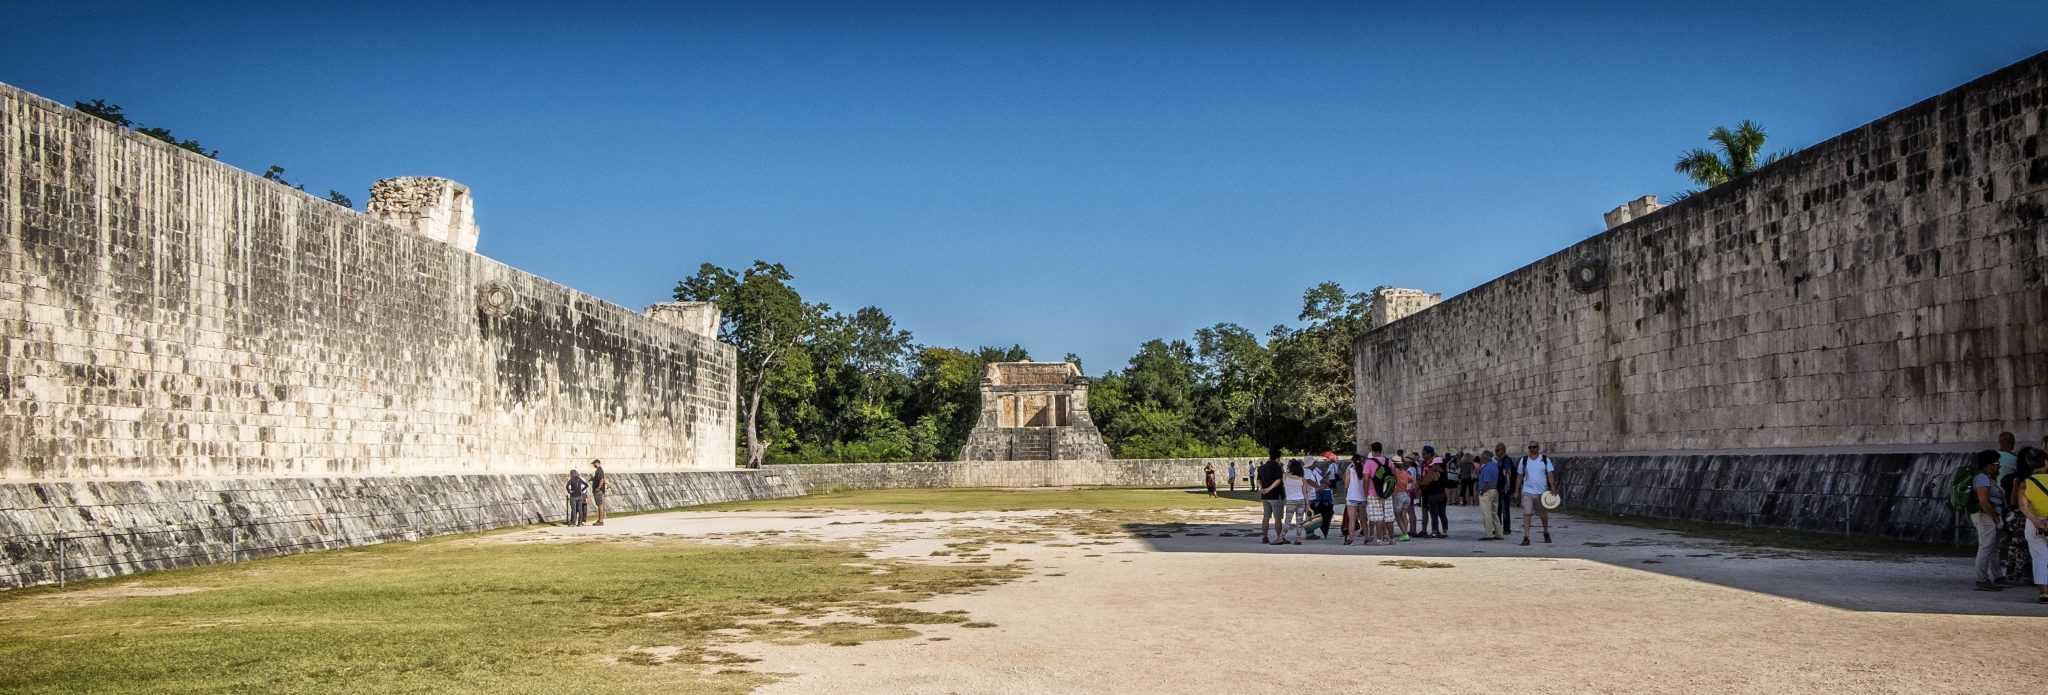 Jogo de Pelota no Chichén Itzá